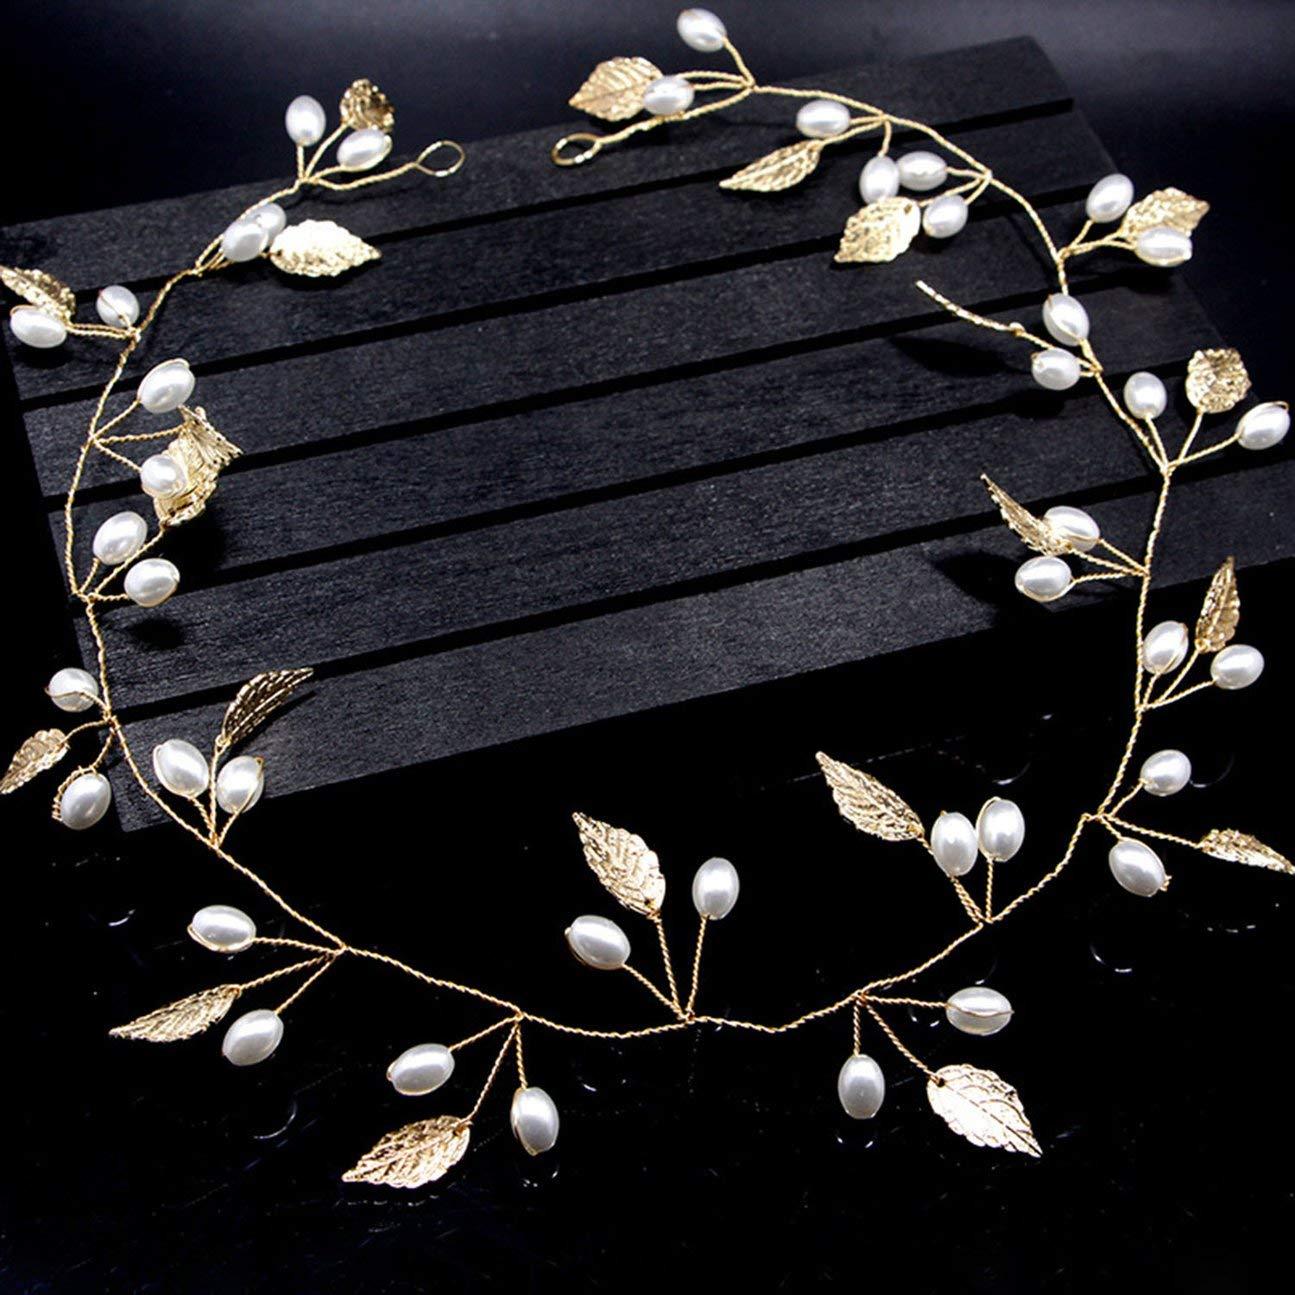 vin de cuivre dor/é /Él/égant belle coiffe en or /à la main laisse perle bande de cheveux forme bandeau guirlande chapellerie bijoux de mariage